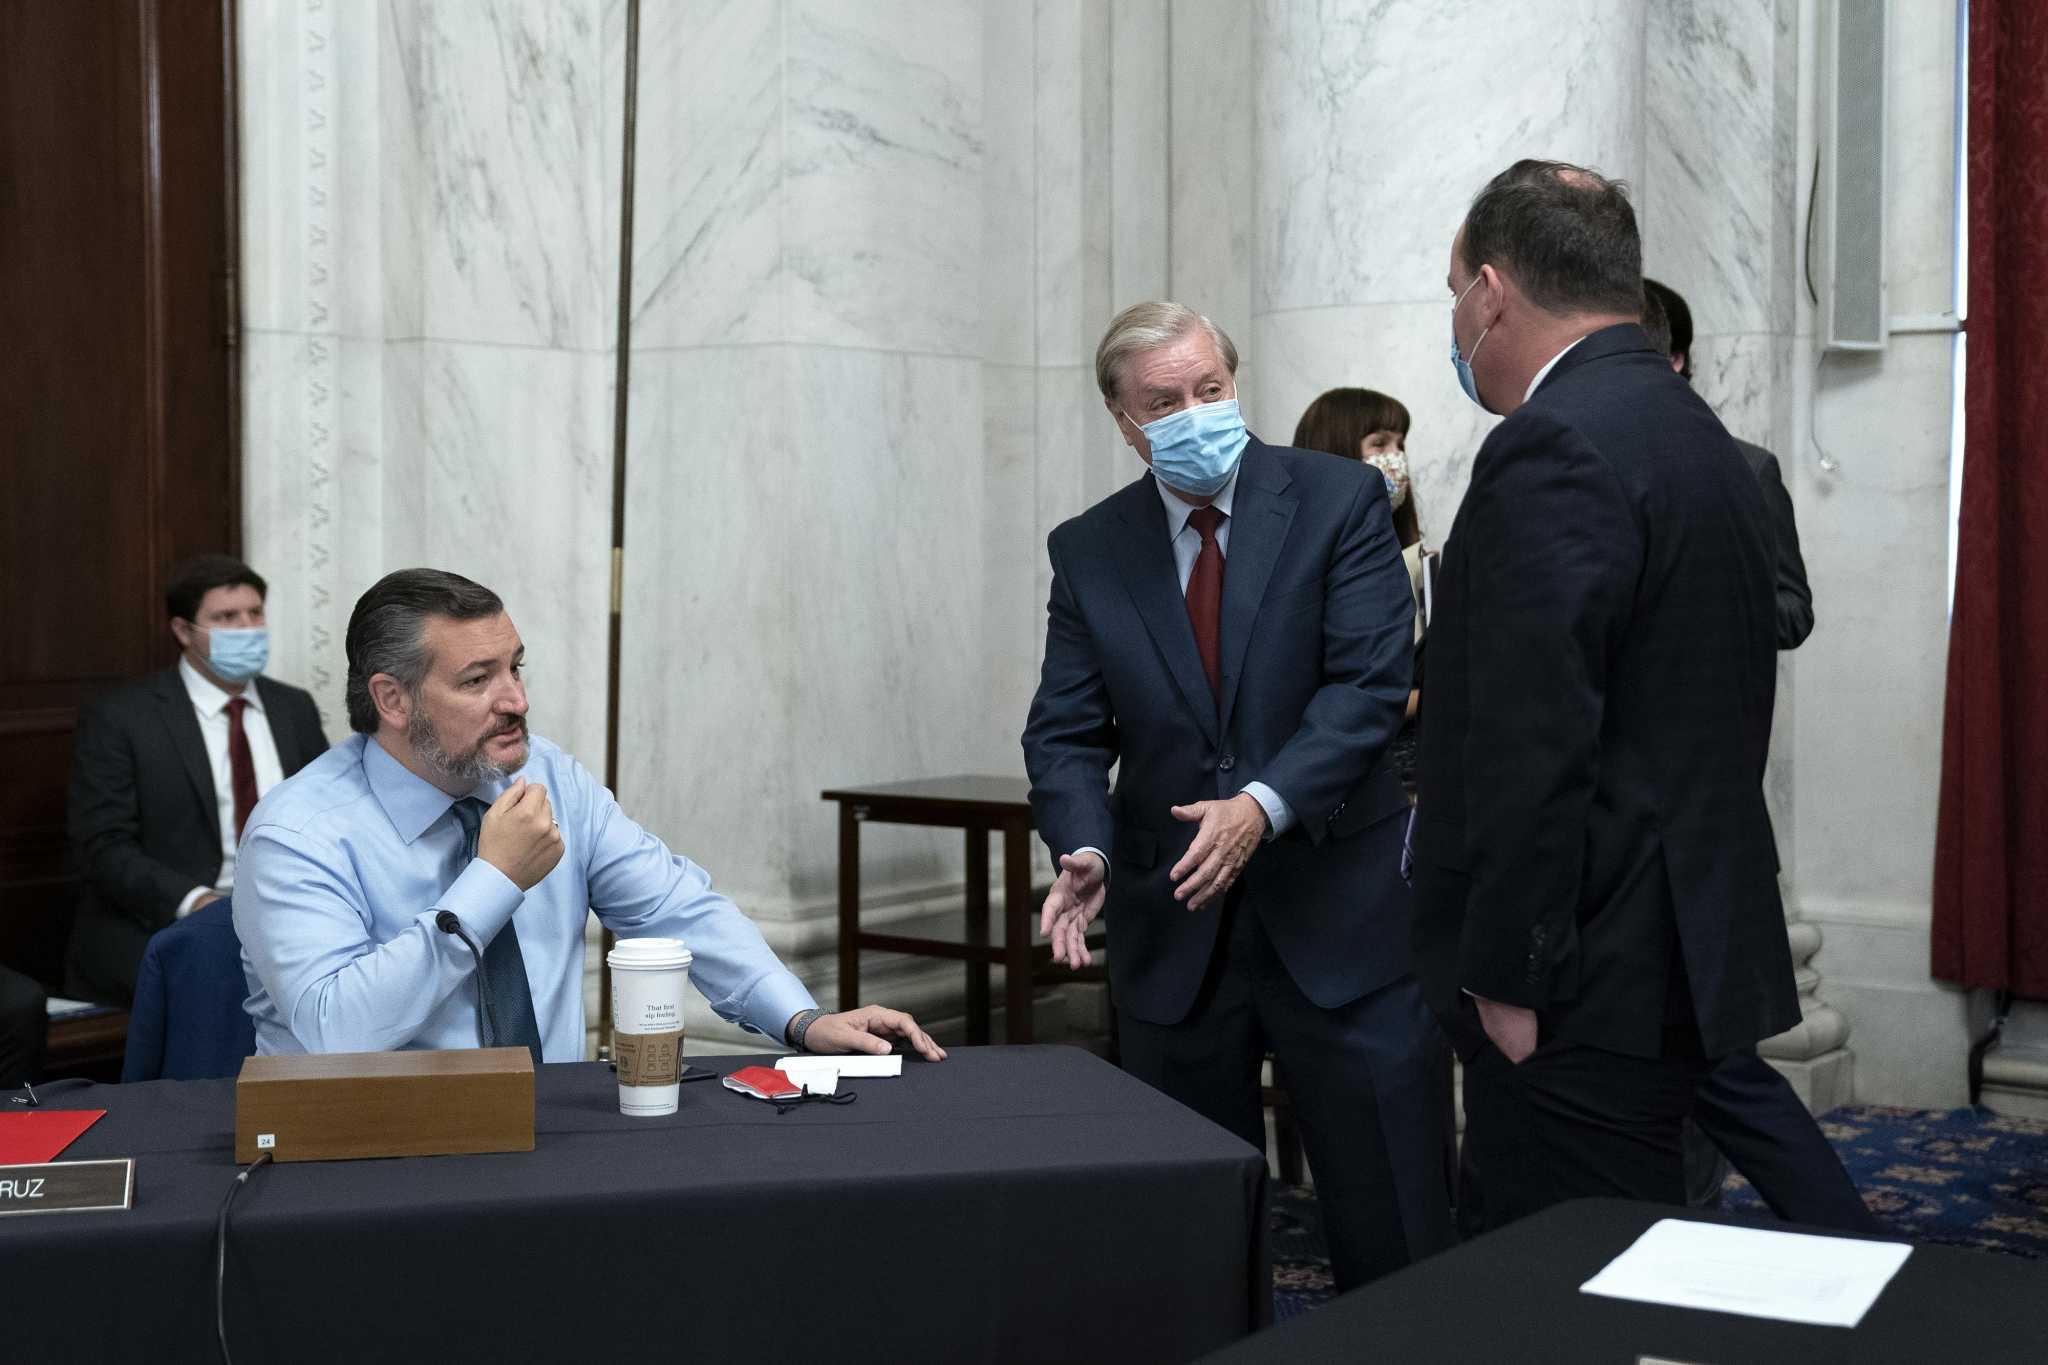 Sen. Mike Lee's COVID diagnosis may impact Texas Sens. John Cornyn and Ted Cruz